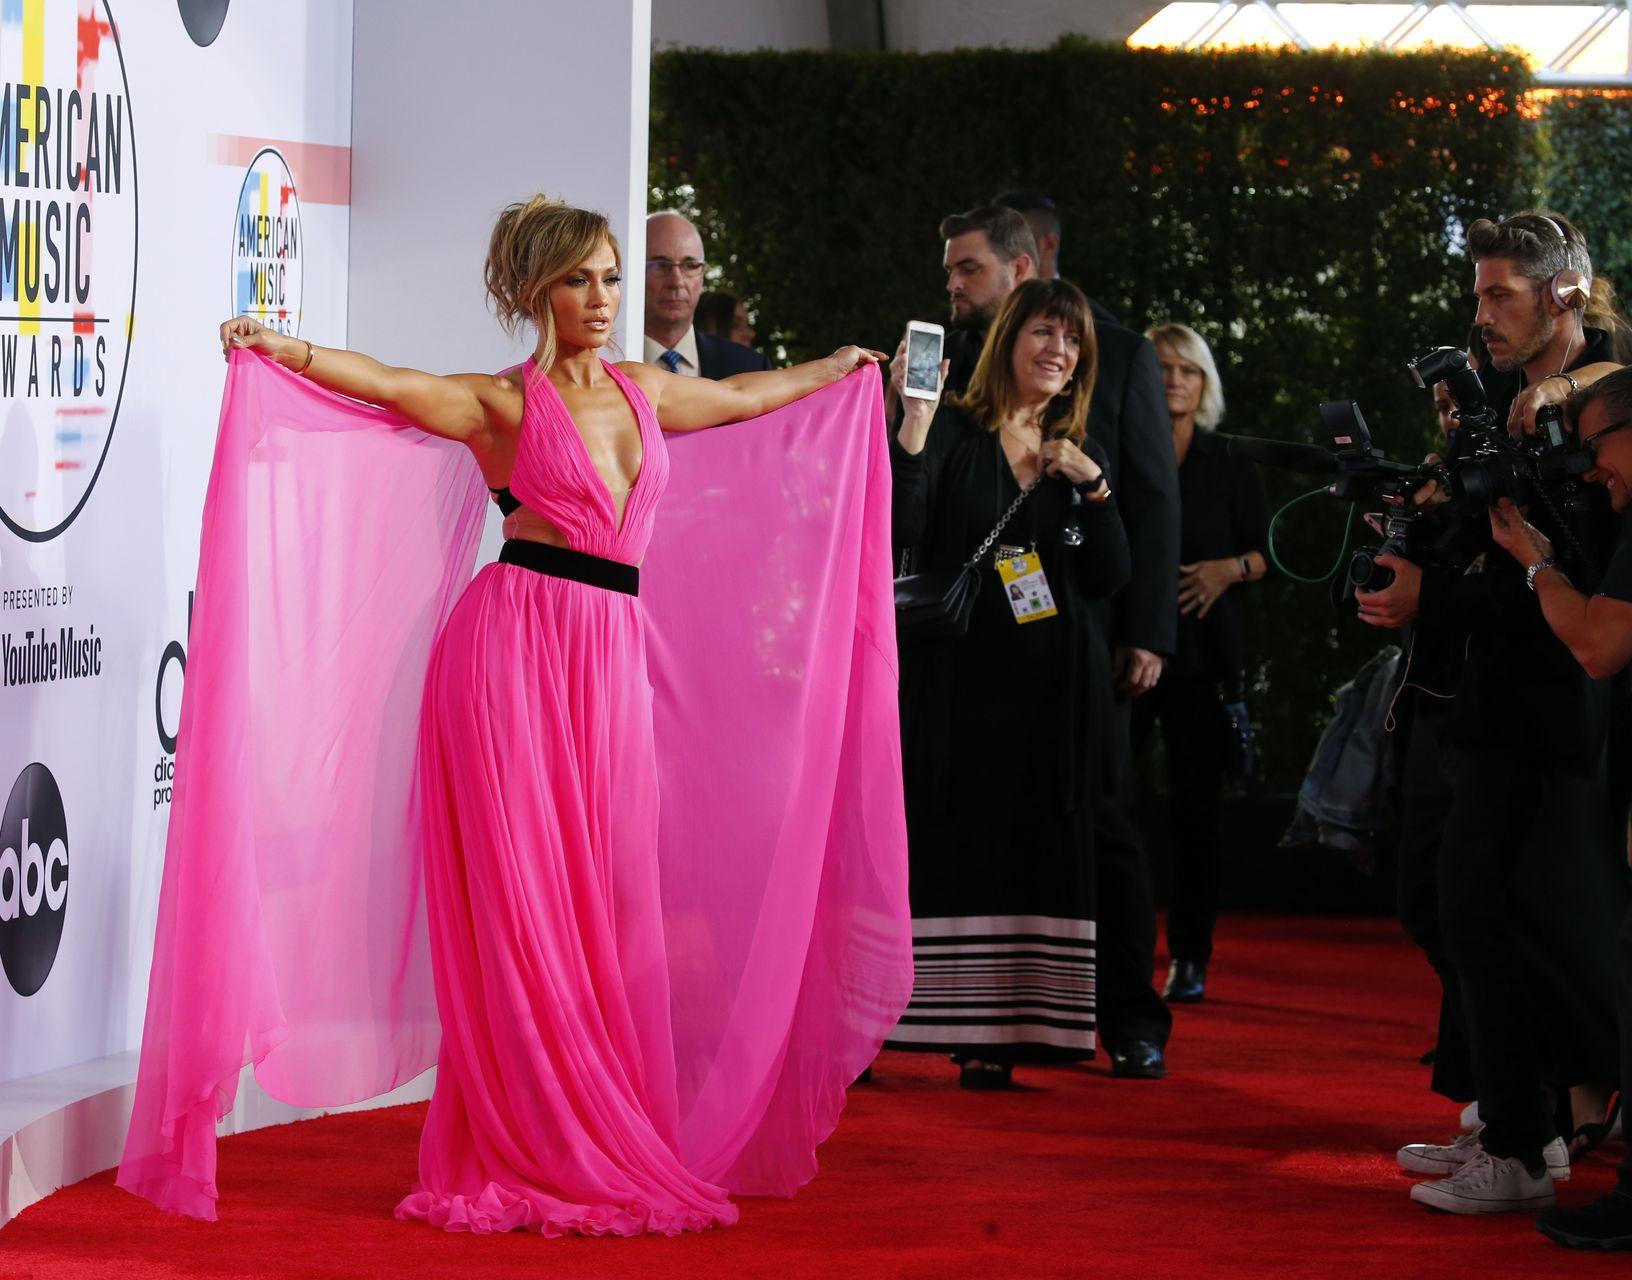 49-letnia Jennifer Lopez pokazała, kto rządzi na American Music Awards (ZDJĘCIA)